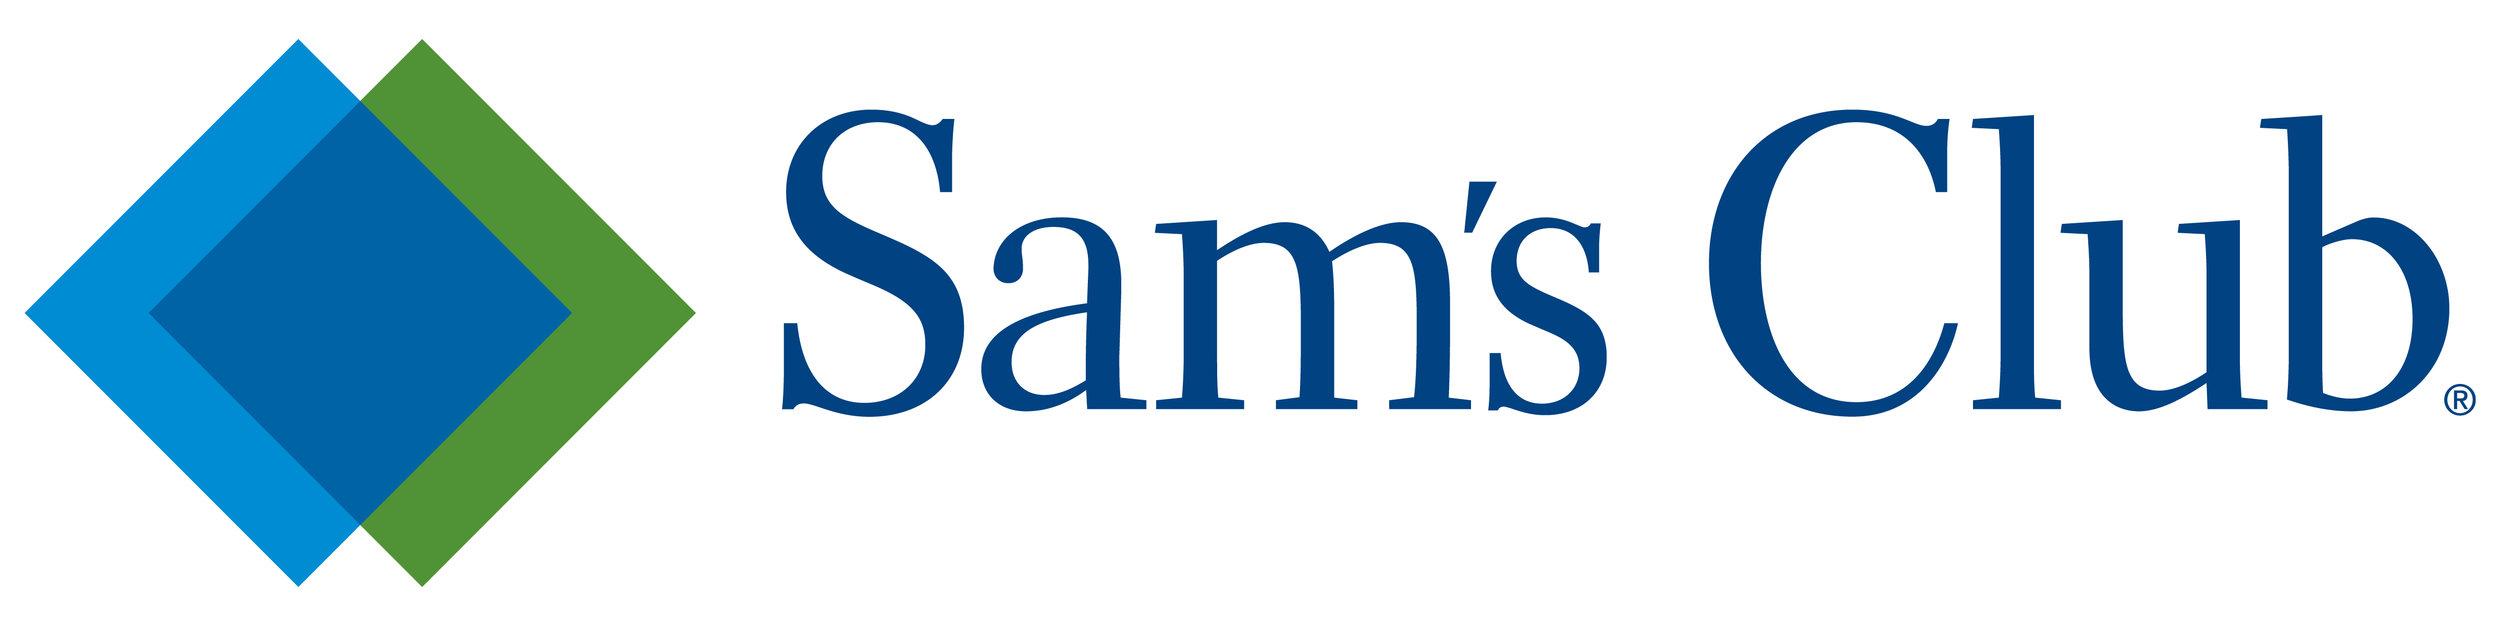 17_Sam's Club ($1,000).jpg